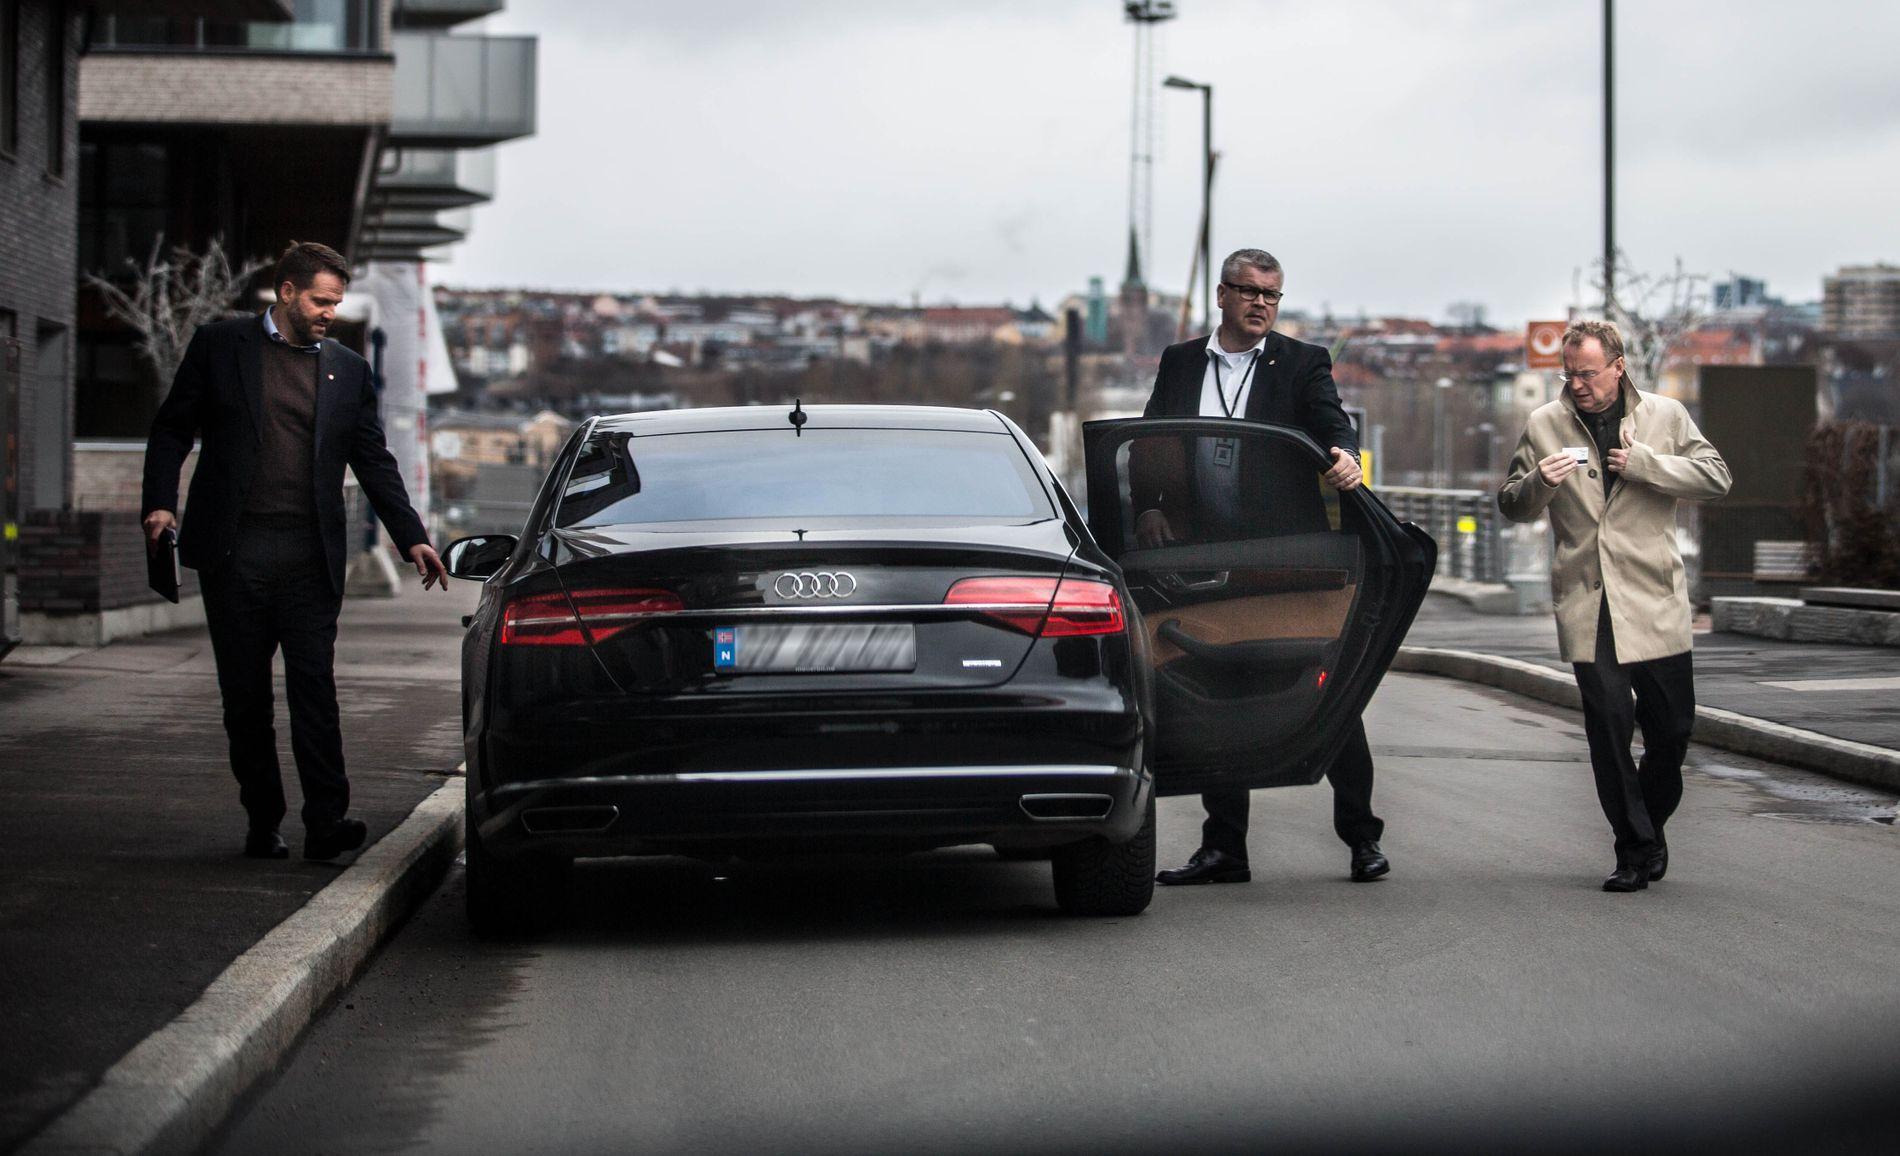 LUKSUS: Her åpner sjåføren bildøren på luksus-tjenestebilen for Raymond Johansen etter et besøk på Sørenga i Oslo onsdag. Til venstre: byrådssekretær Tor Henrik Andersen.